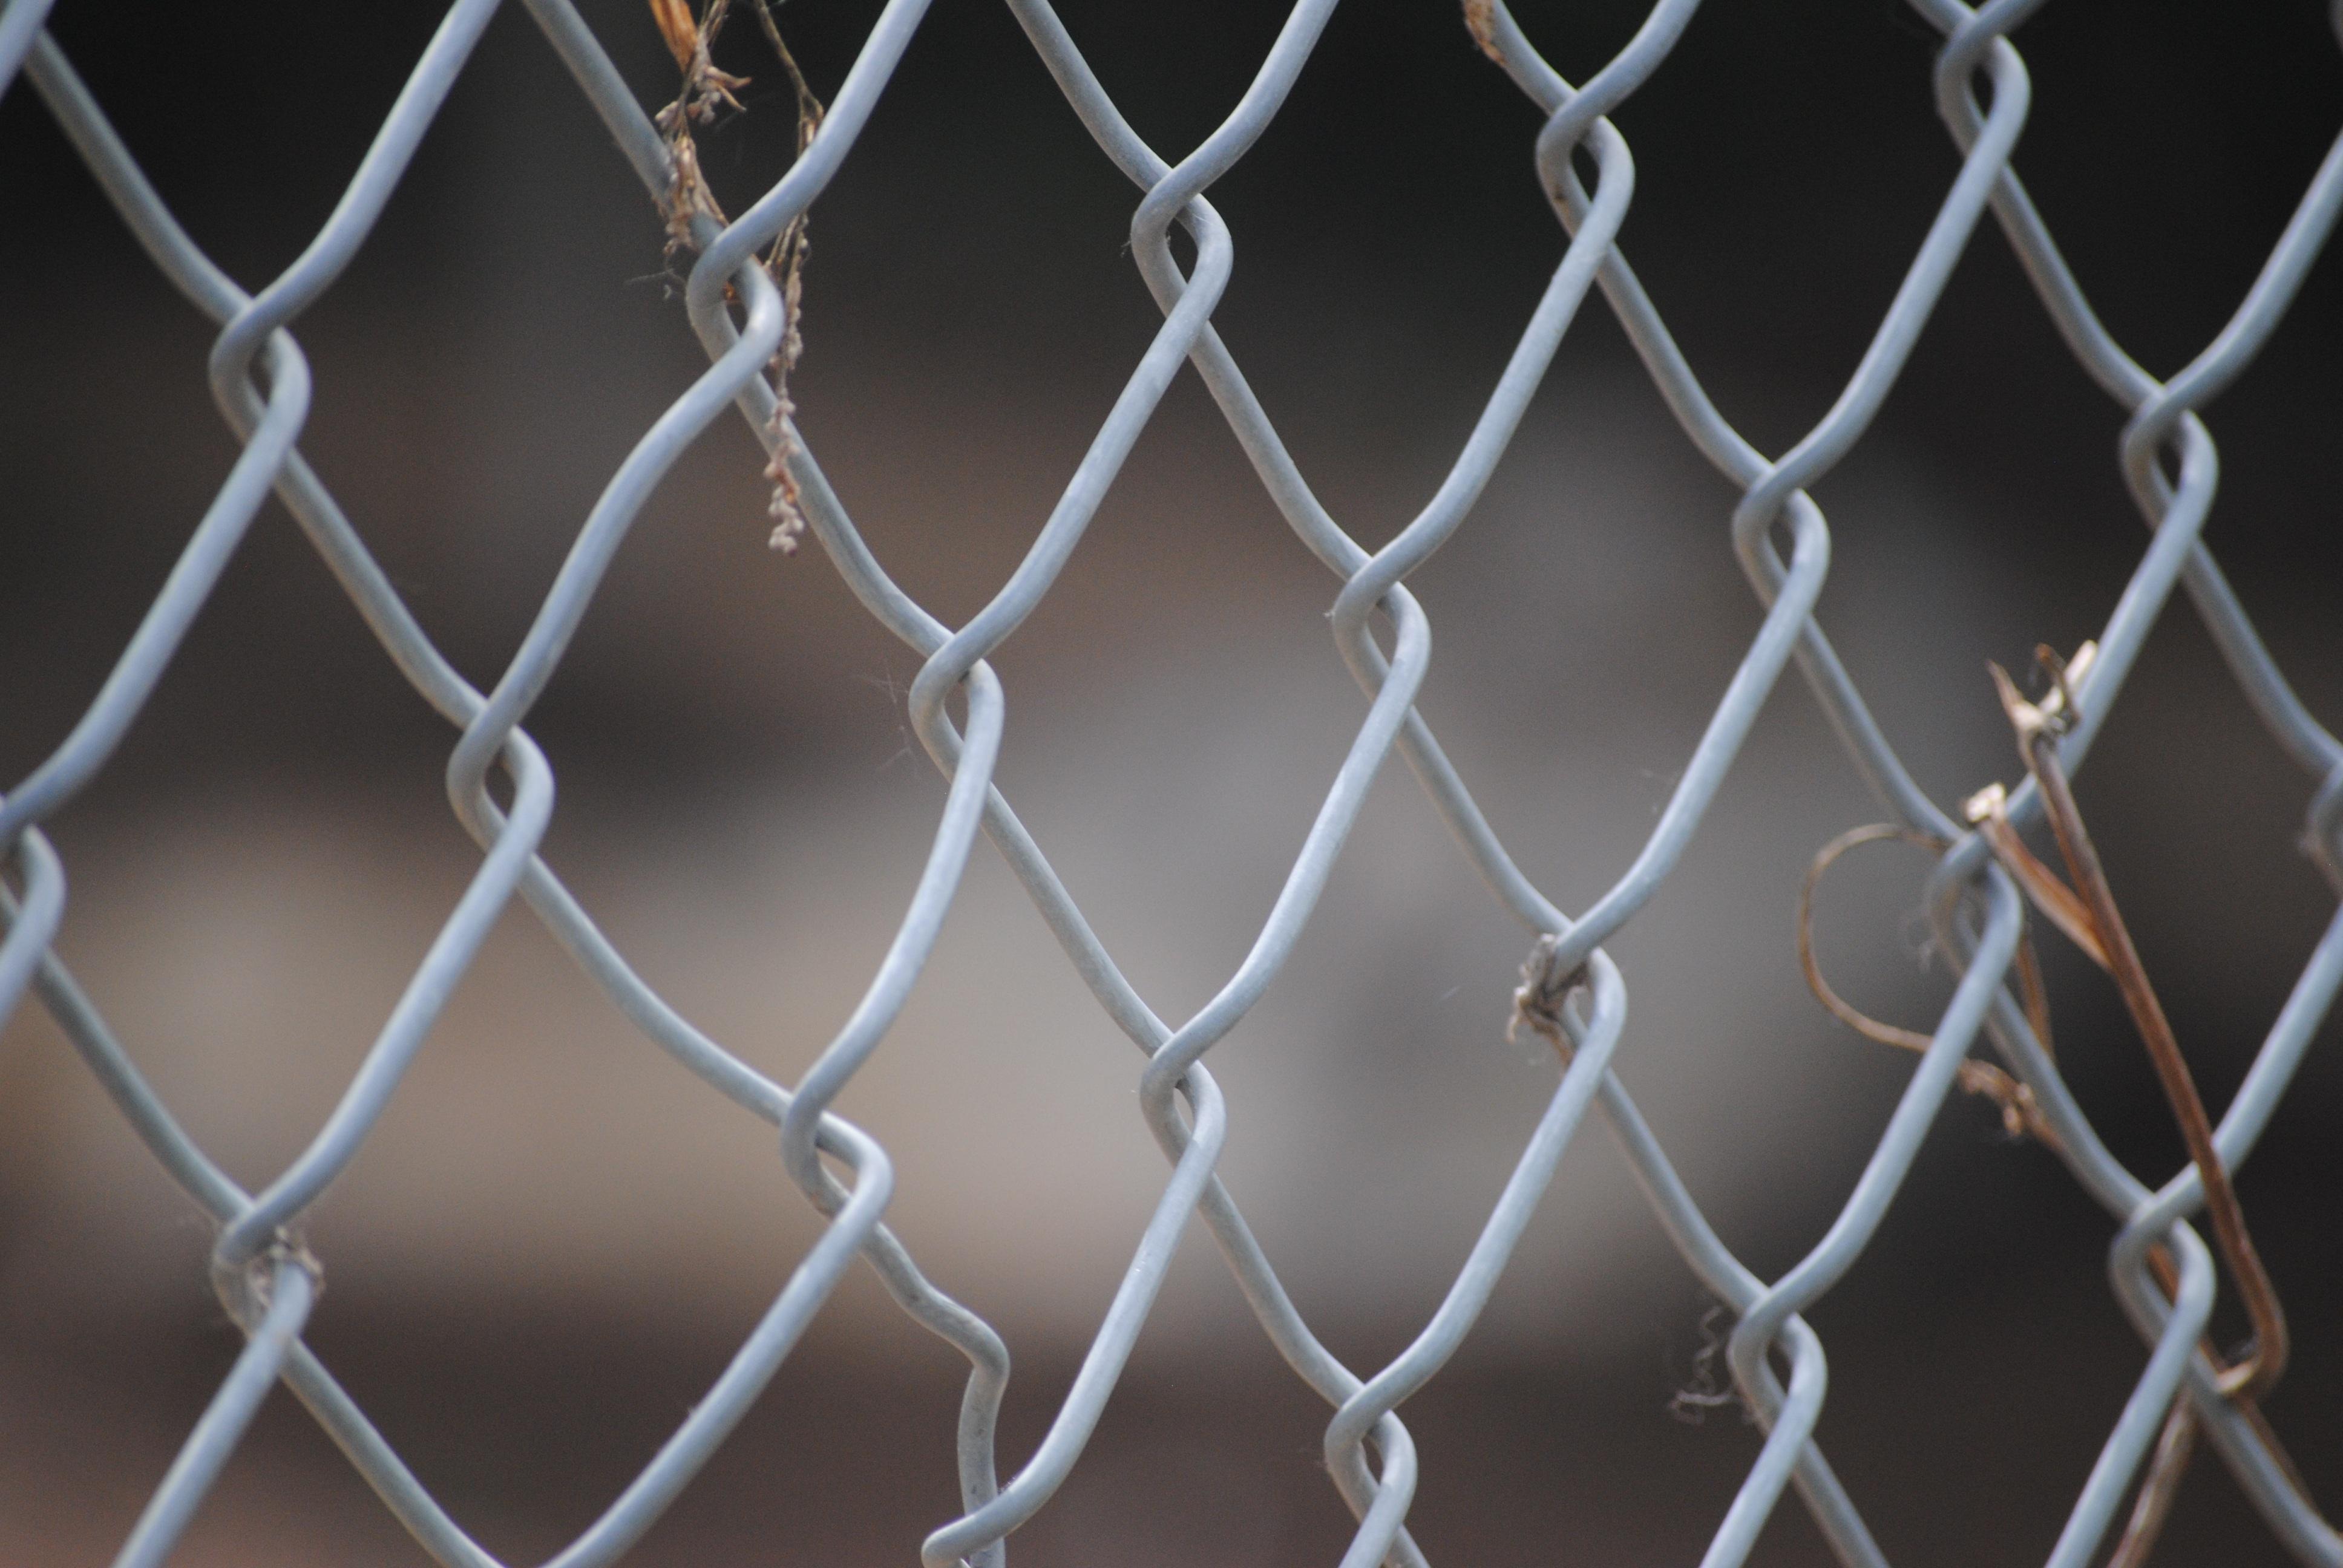 Kostenlose foto : Ast, Licht, Zaun, Weiß, Glas, Zoo, Linie, Makro ...